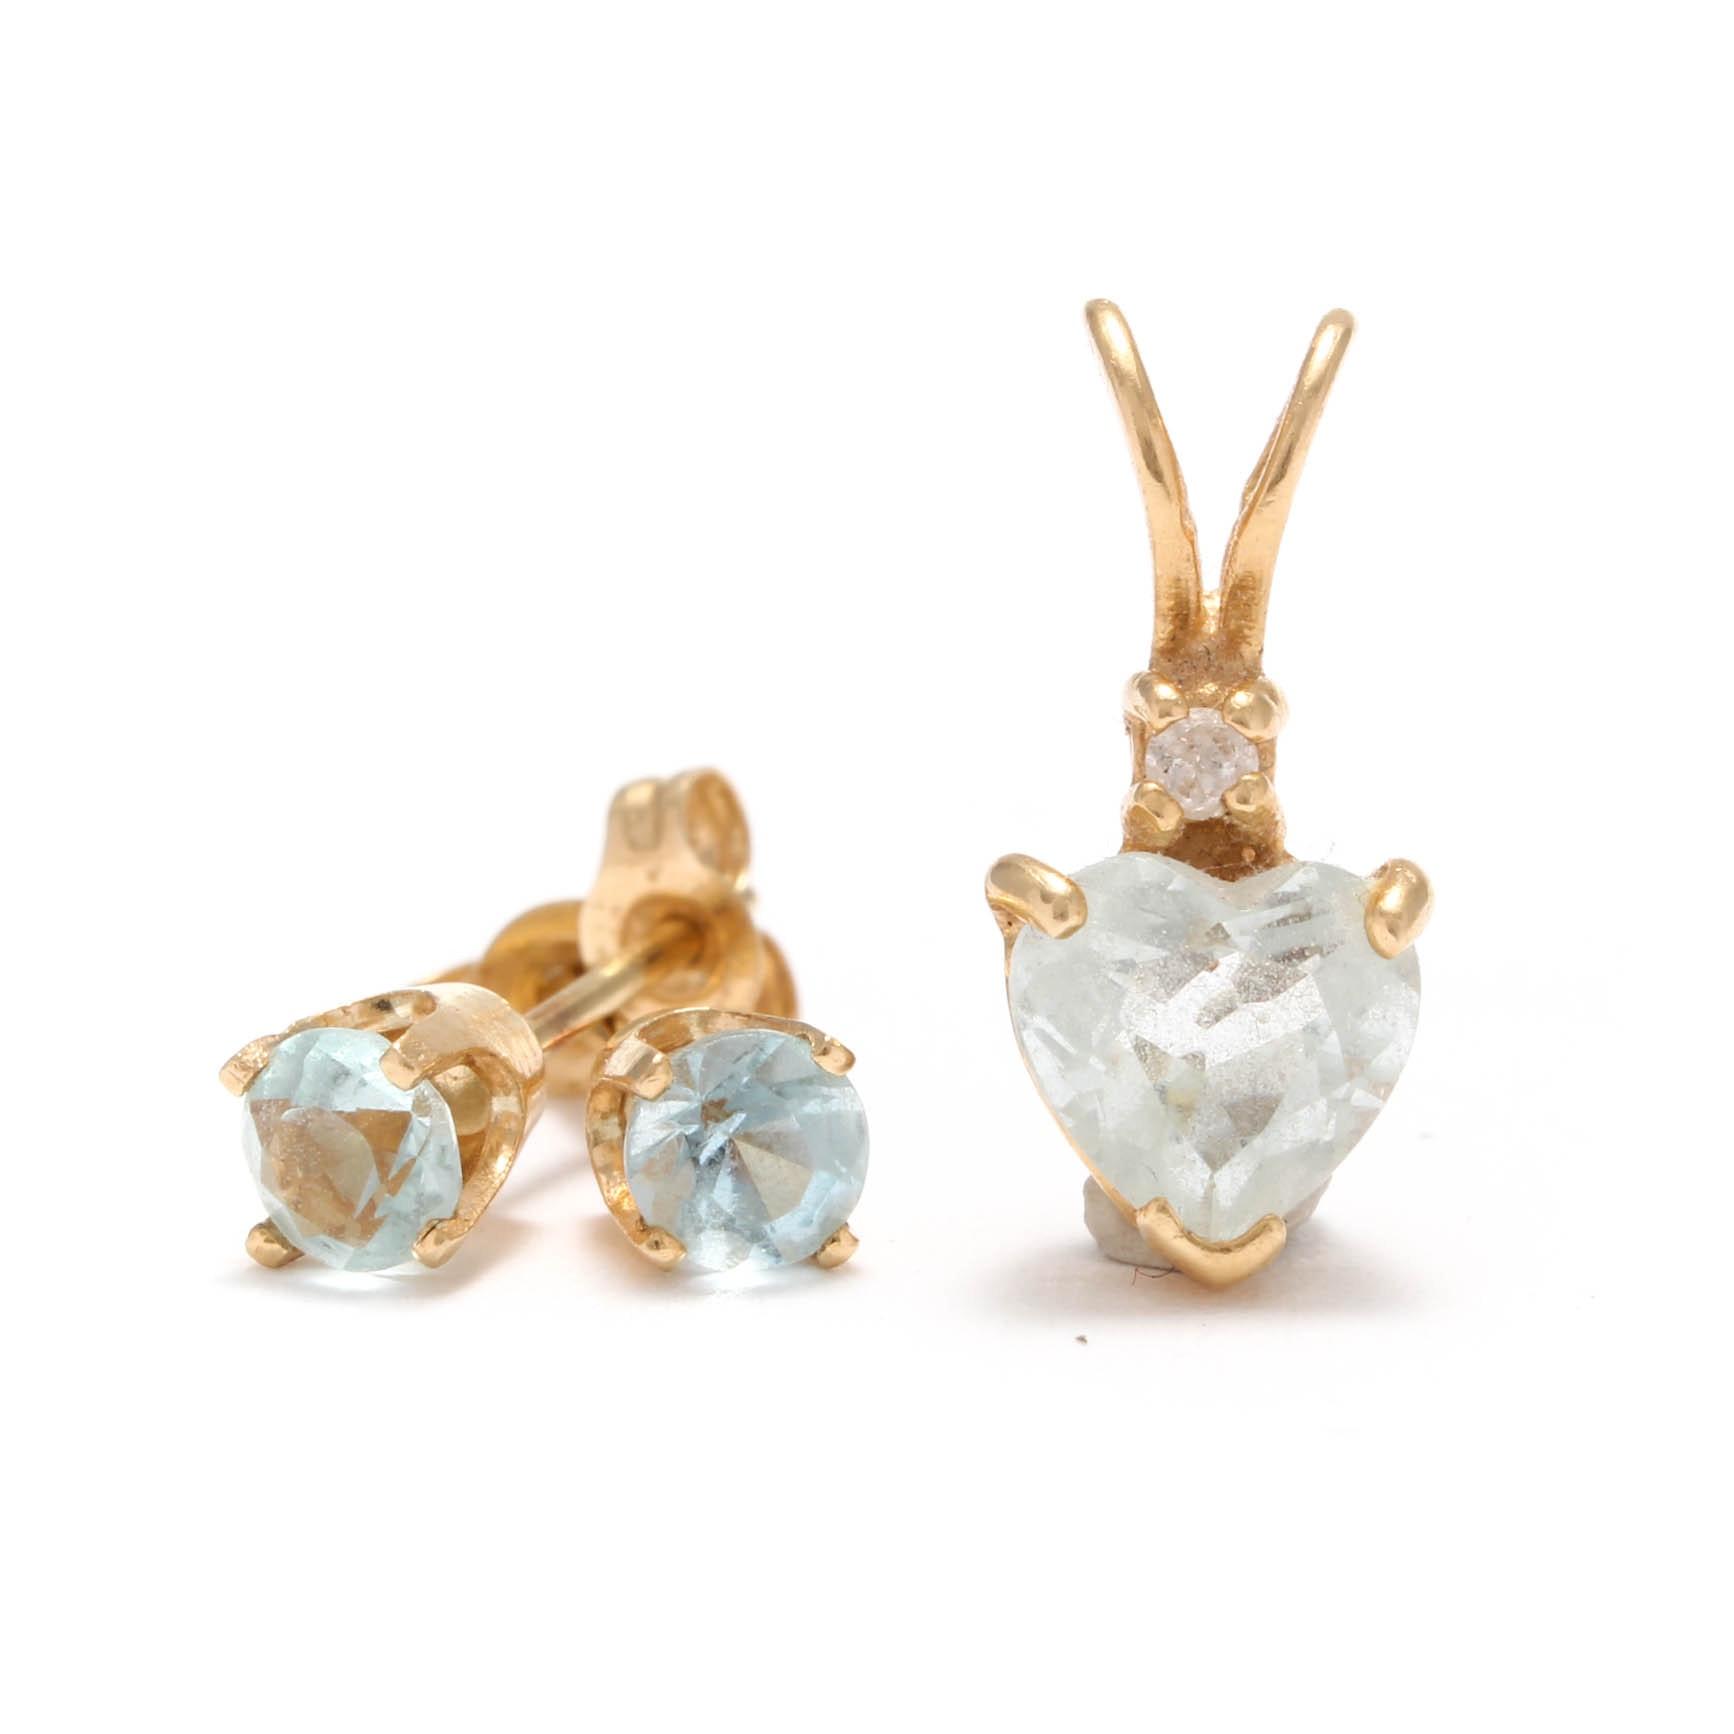 14K Yellow Gold Topaz Diamond Heart Pendant and Topaz Earrings